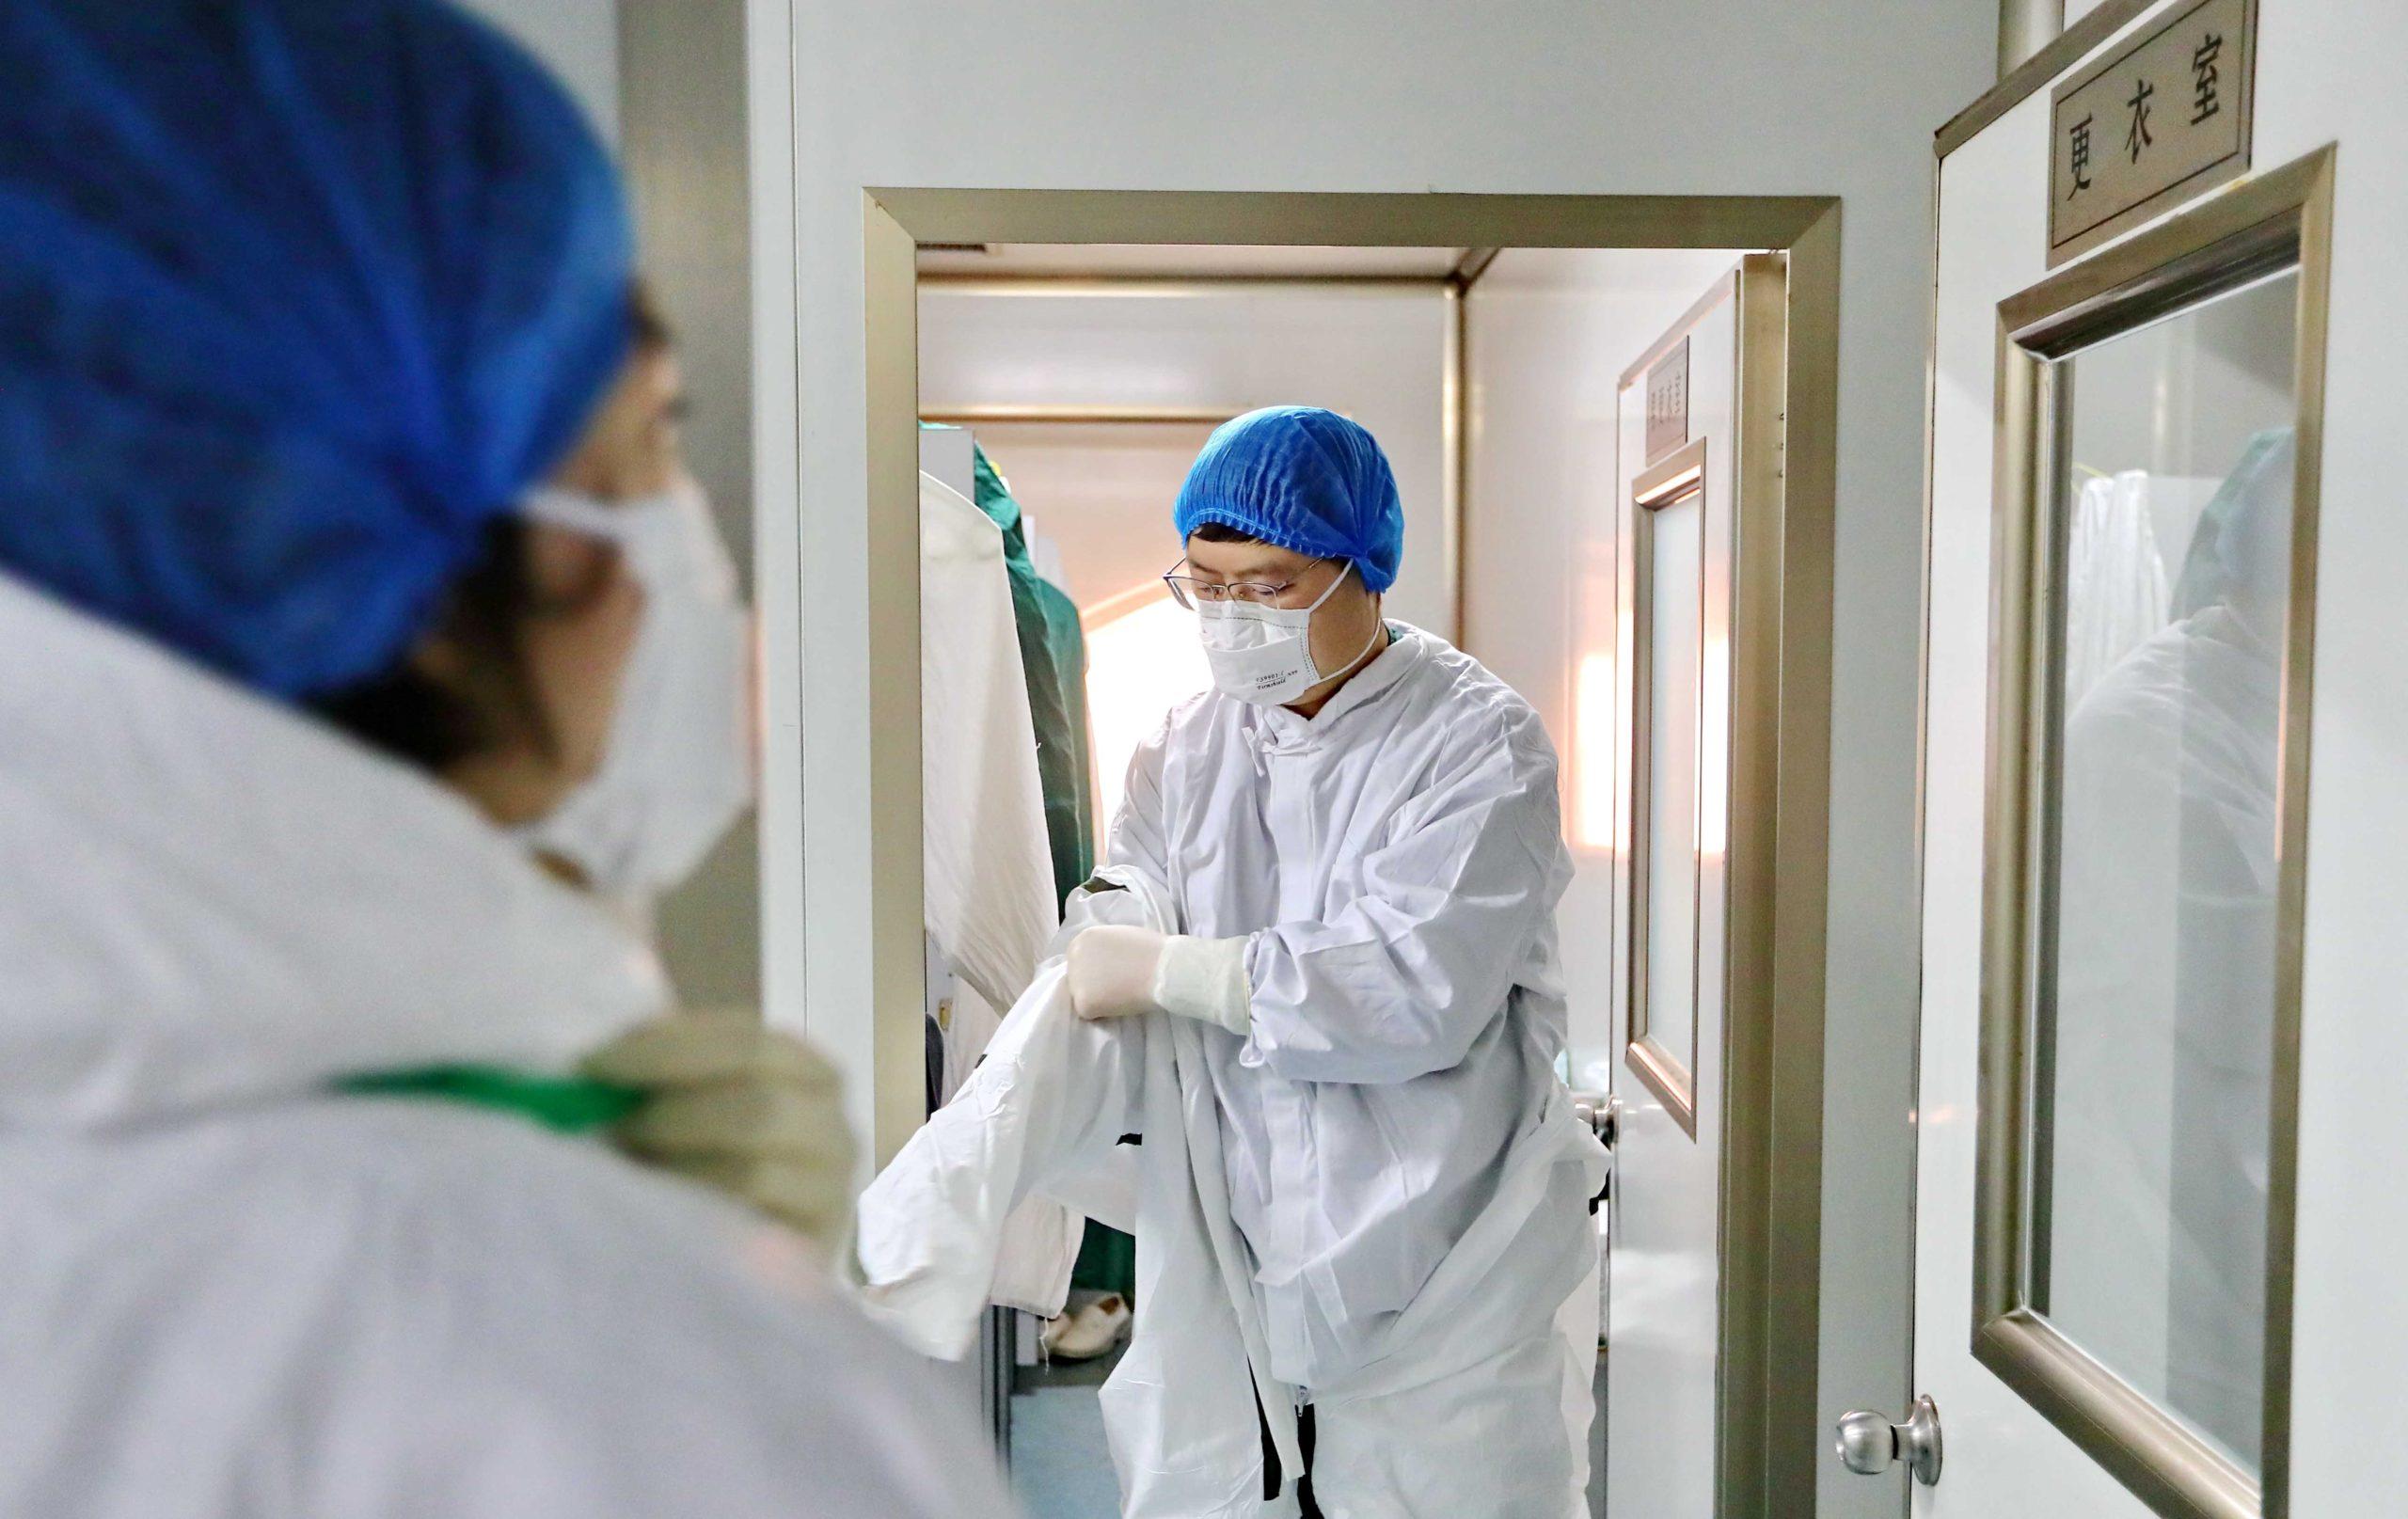 Κοροναϊός: Ασθενείς με συμπτώματα γρίπης θα εξετάζονται και για τον ιό